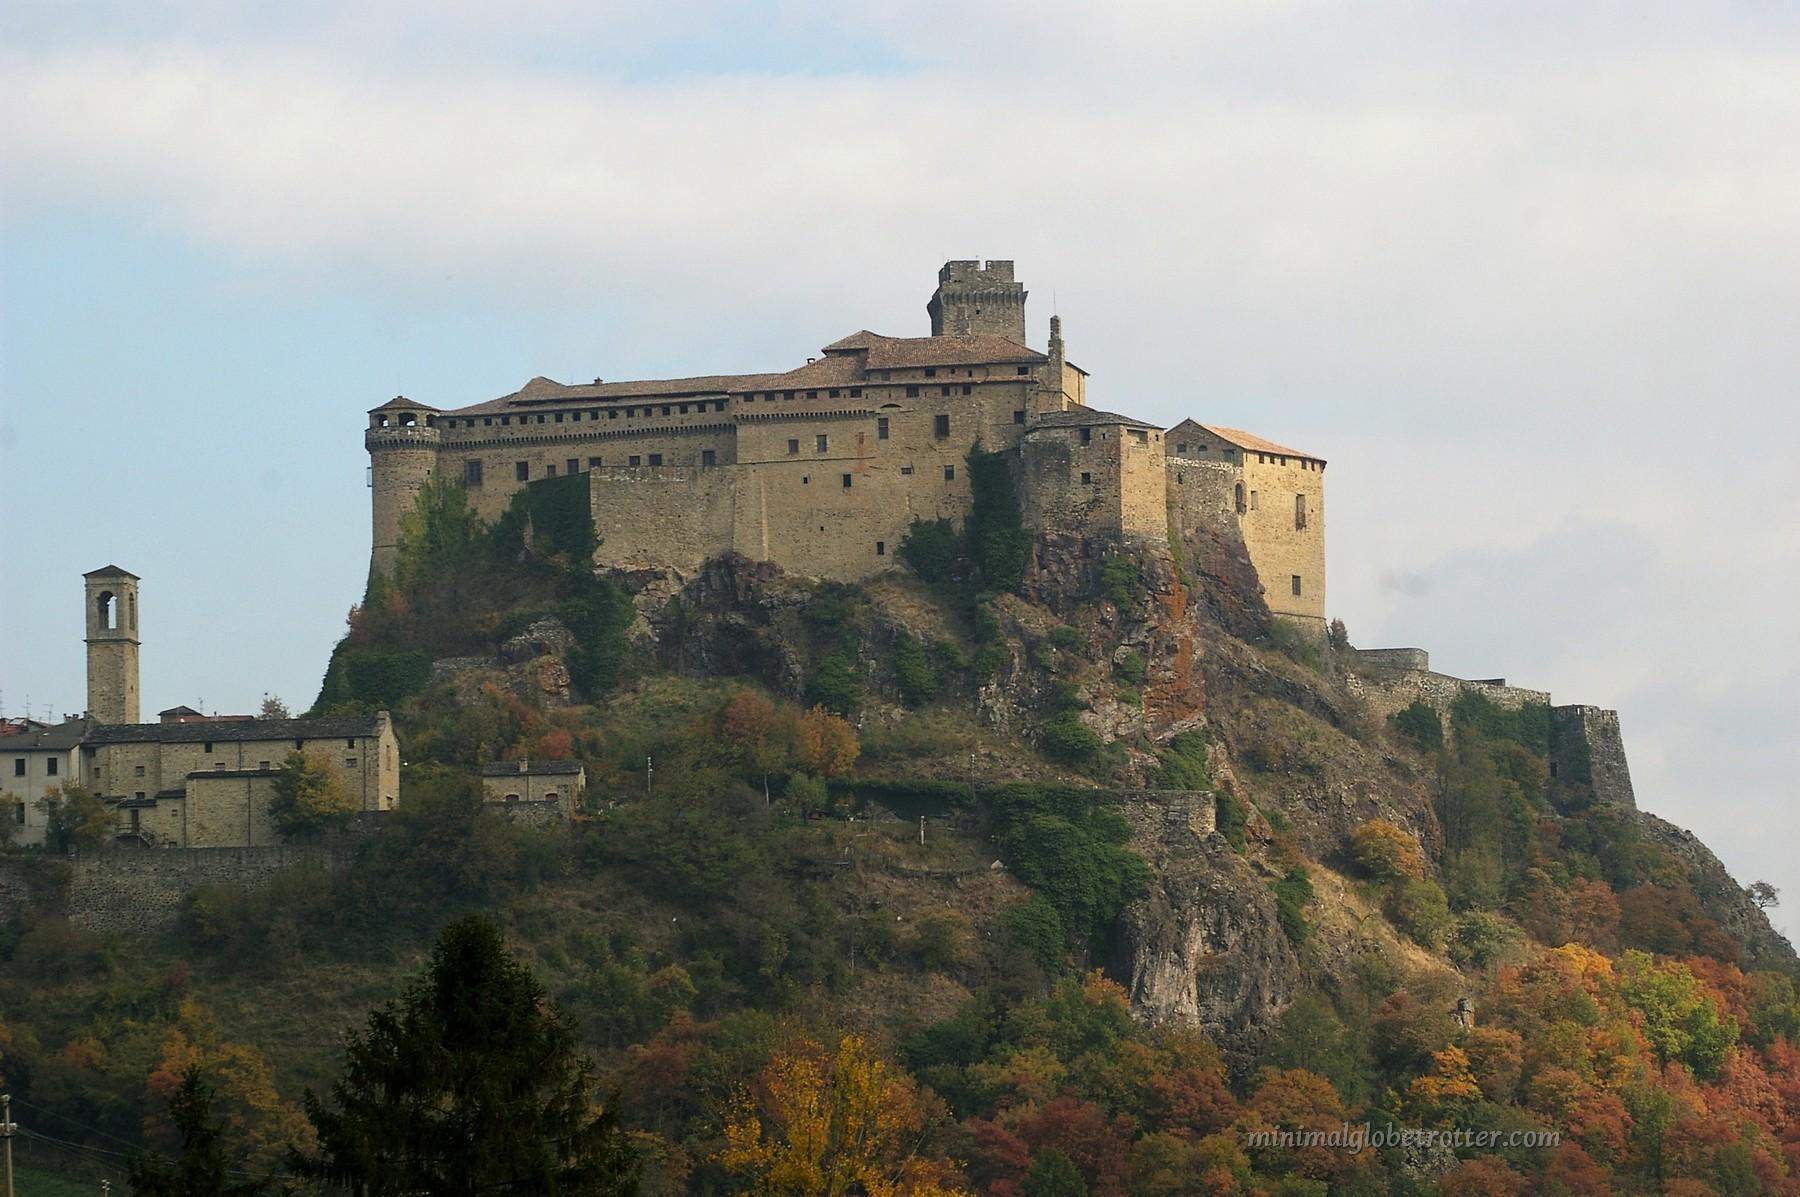 Castelli di Parma e Piacenza fortezza di Bardi